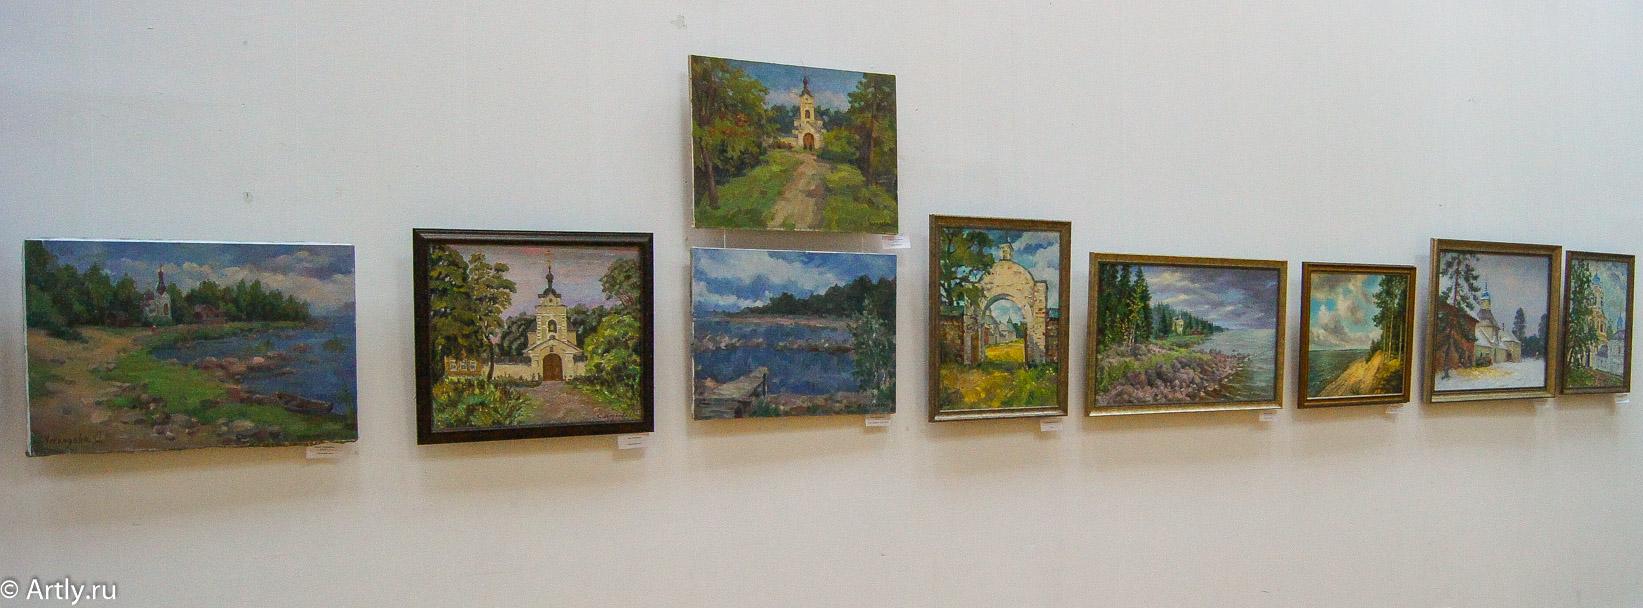 Выставка проекта «По Святым местам»